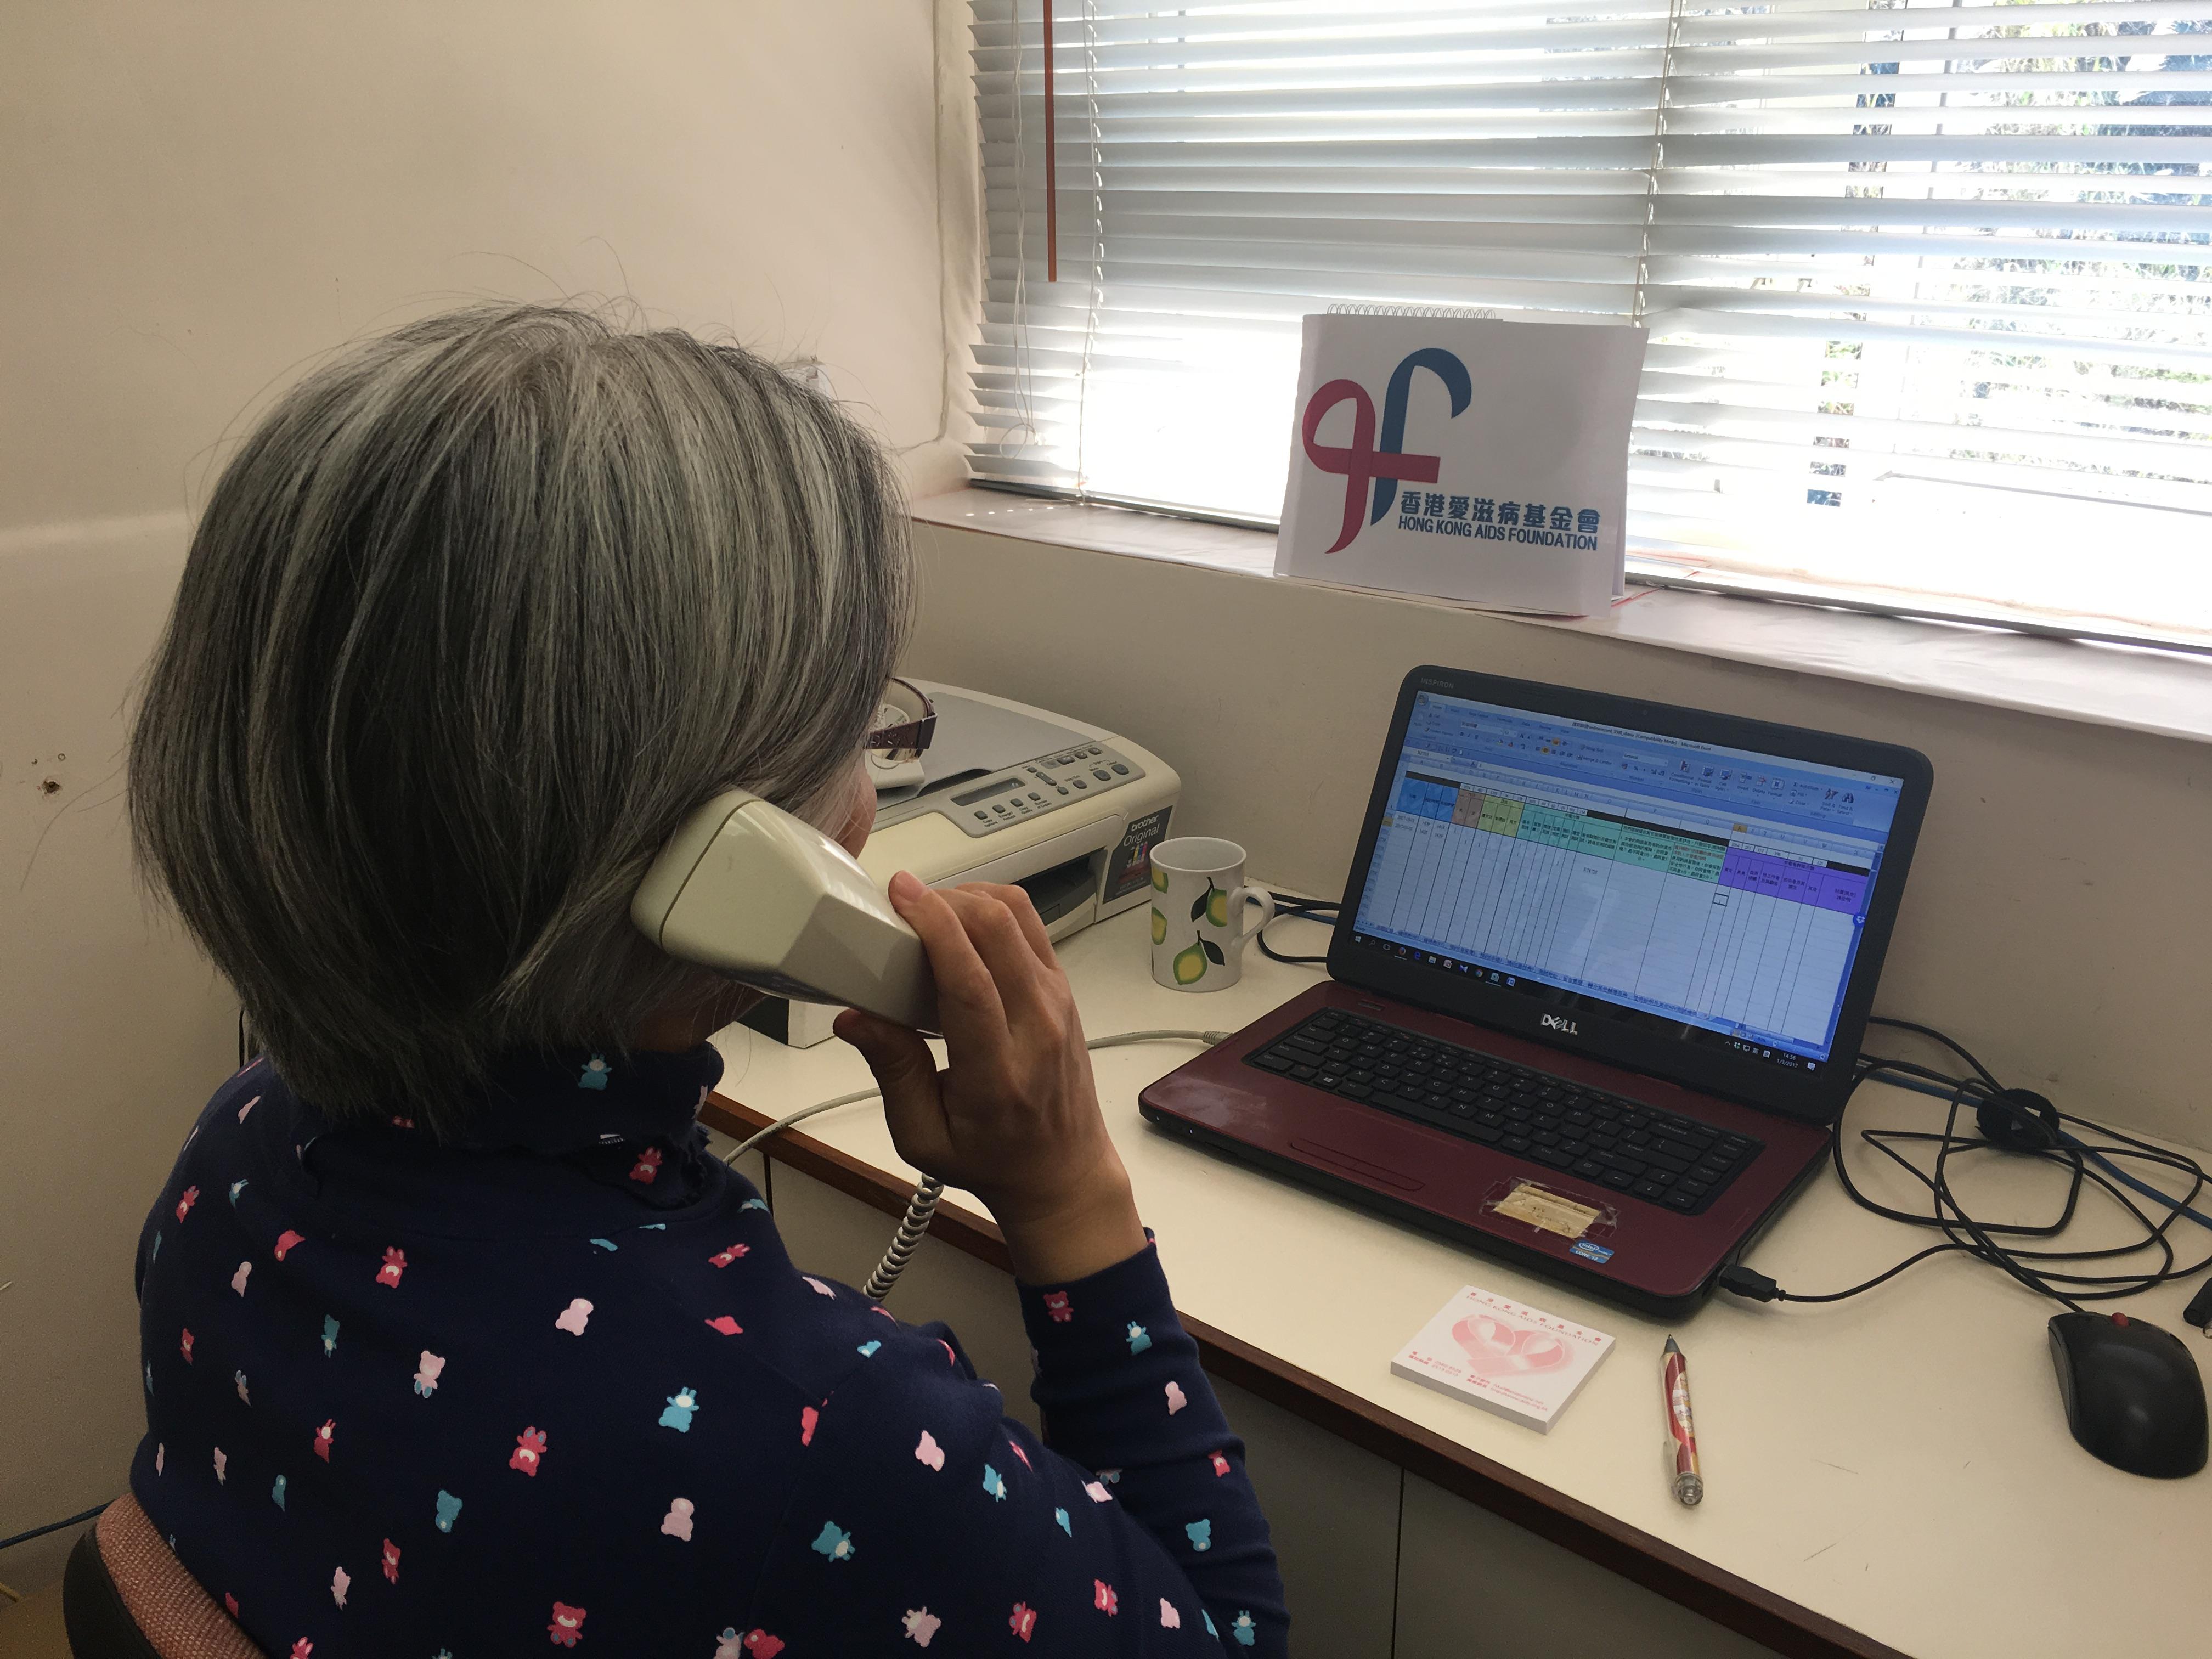 HKAF_AIDS Helpline